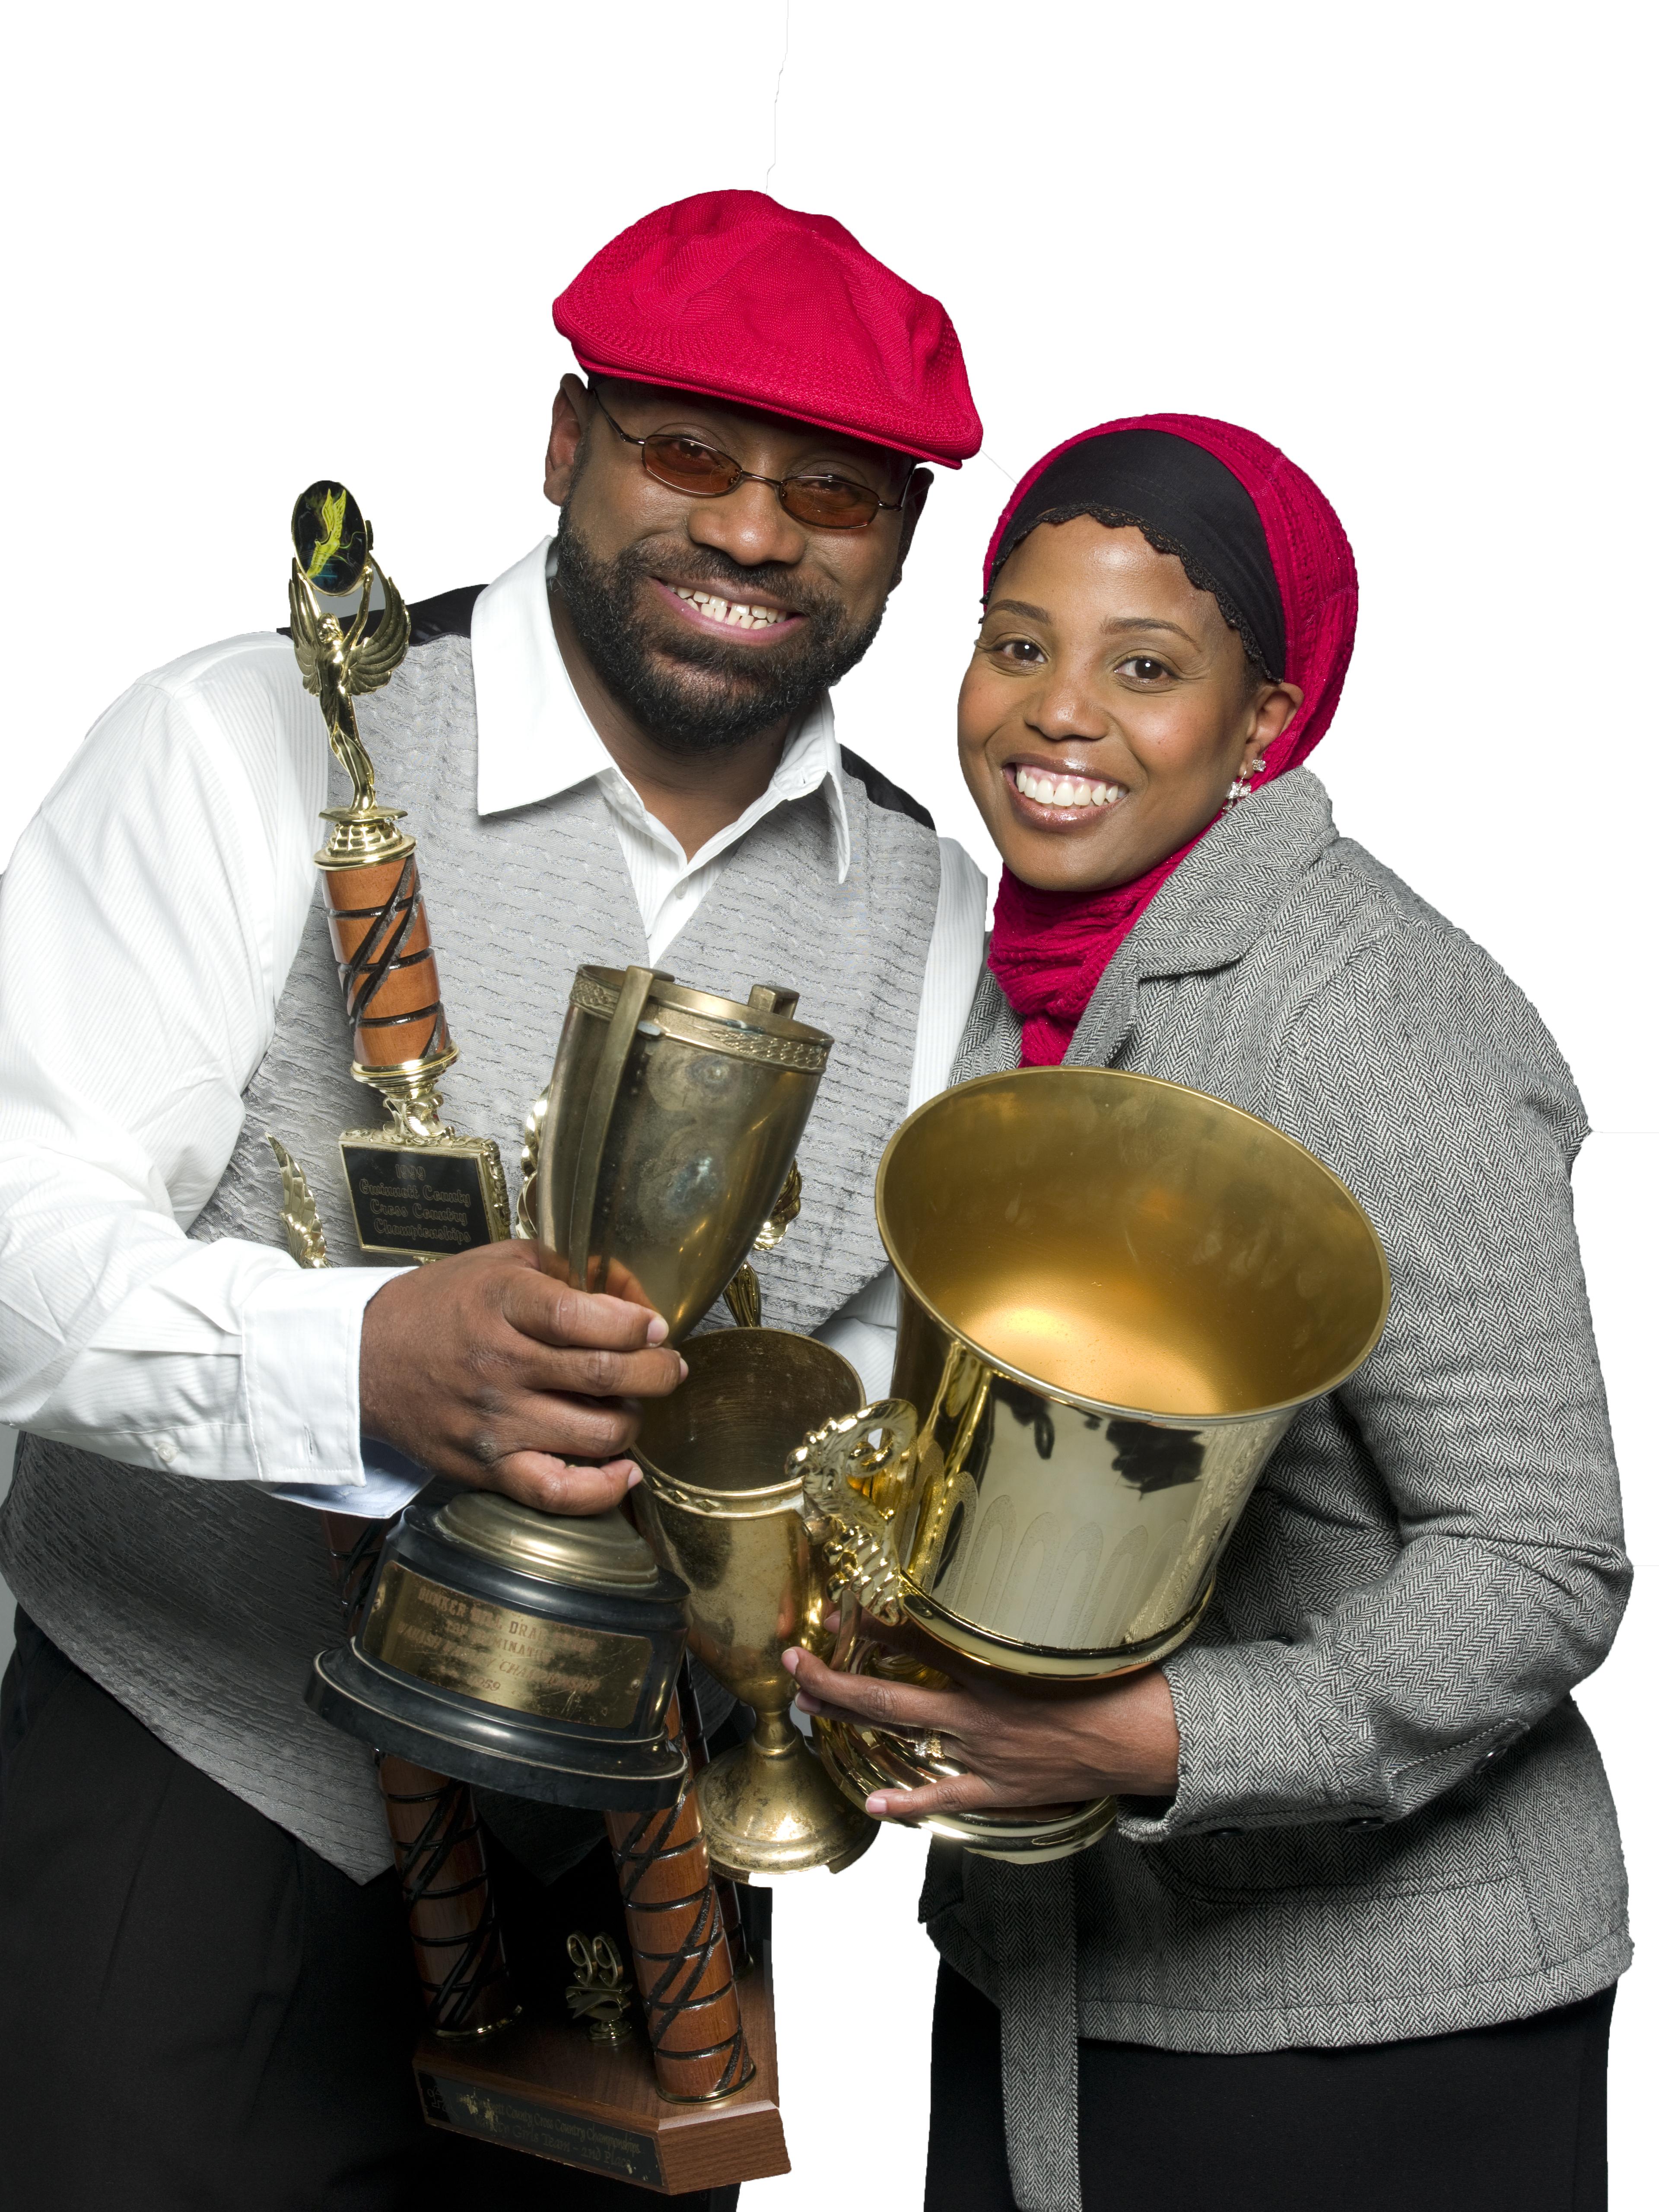 Rufus & Jenny, Jenny and Rufus, Ebony Magazine Couple of the Year, Tedx Speakers, Daymond John Ambassadors